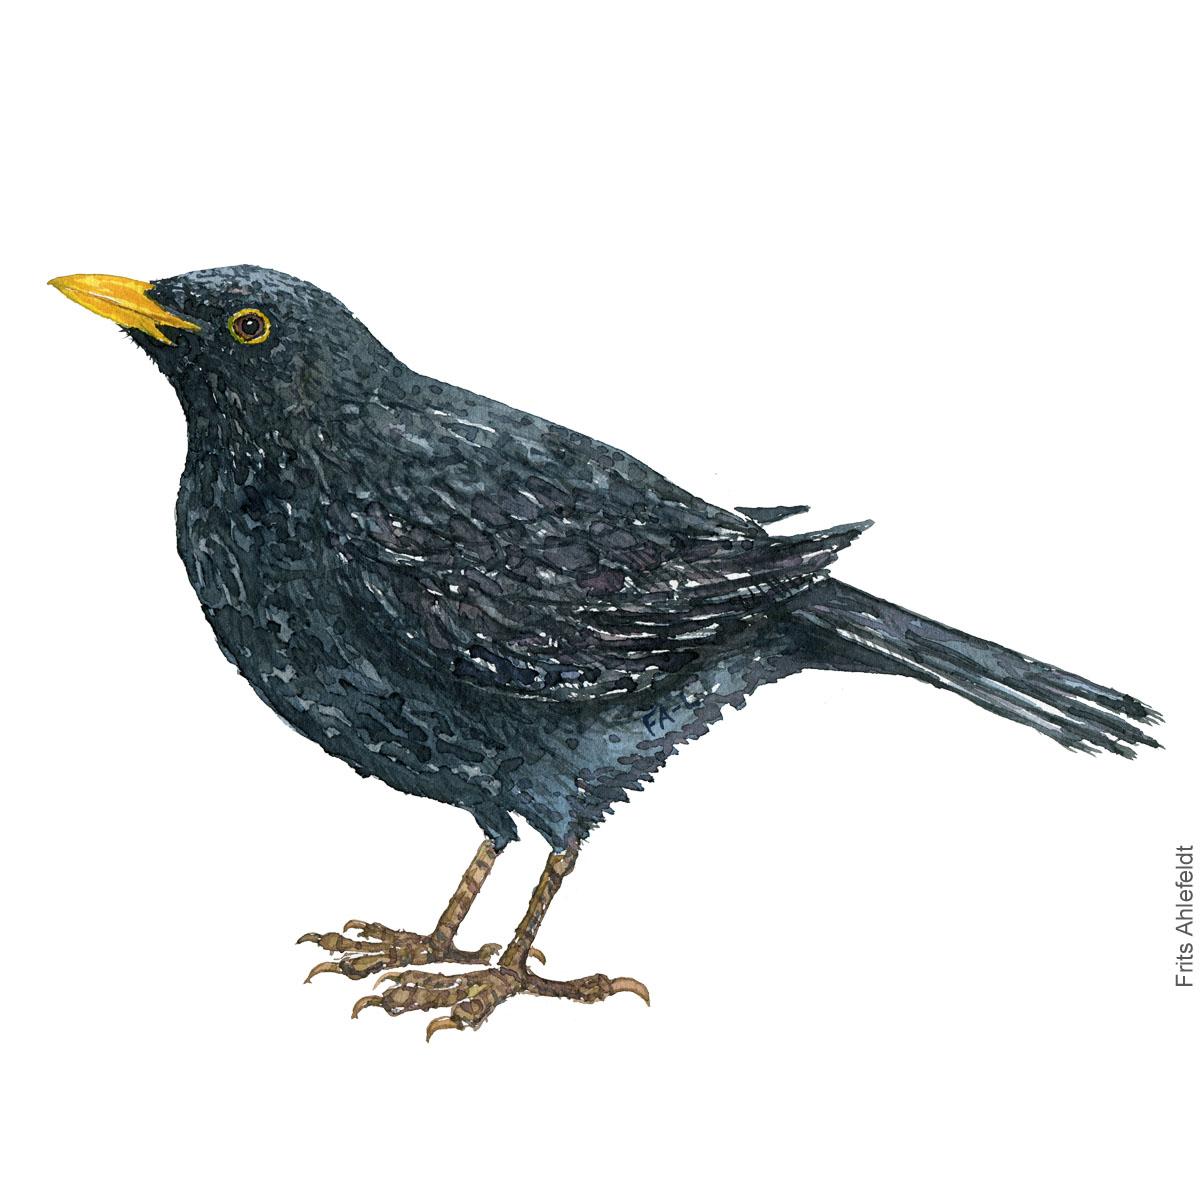 Blackbird - Solsort bird watercolor illustration. Painting by Frits Ahlefeldt. Fugle akvarel